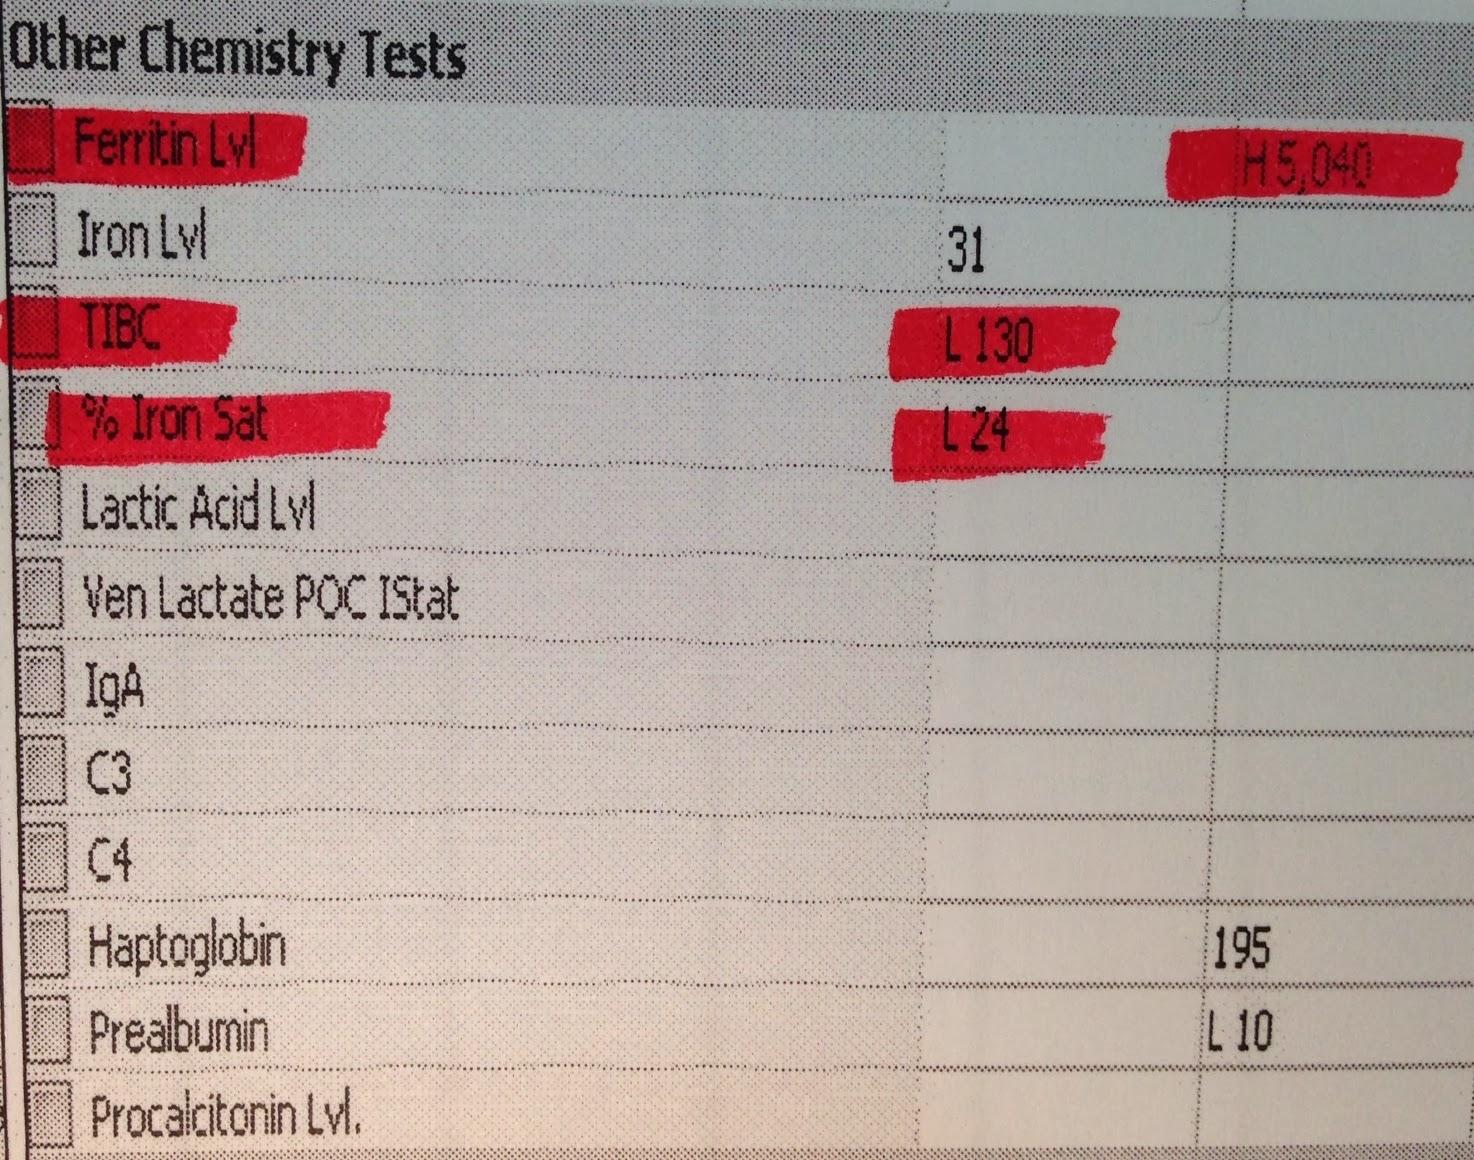 case study lactic acid